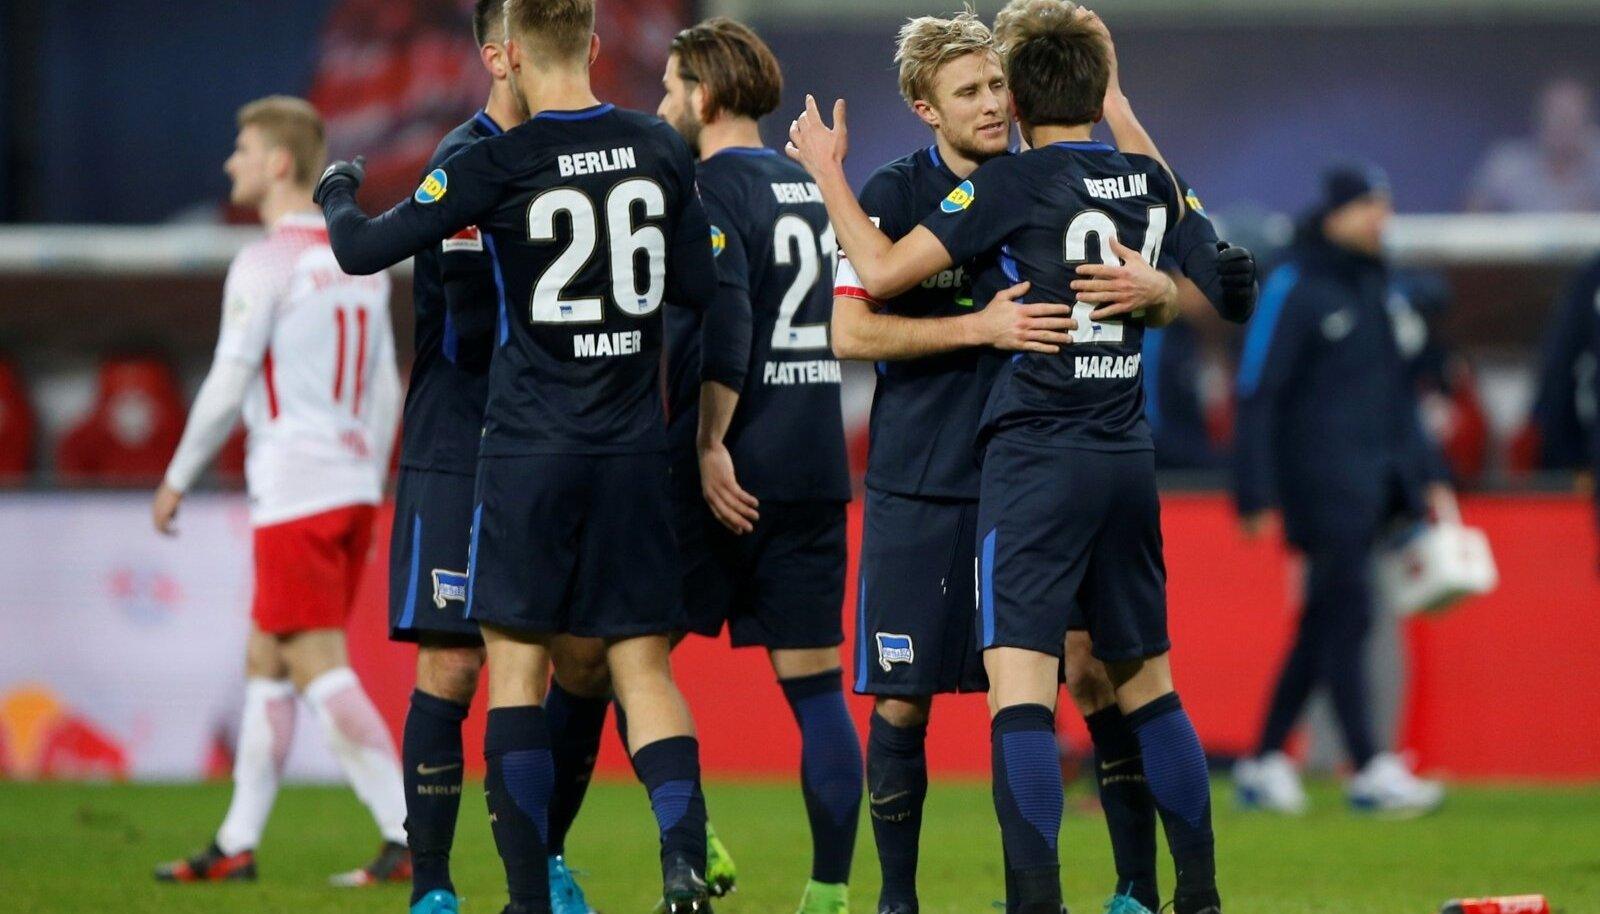 Berliini Hertha mängijad tähistamas RB Leipzigi vastu löödud väravat.